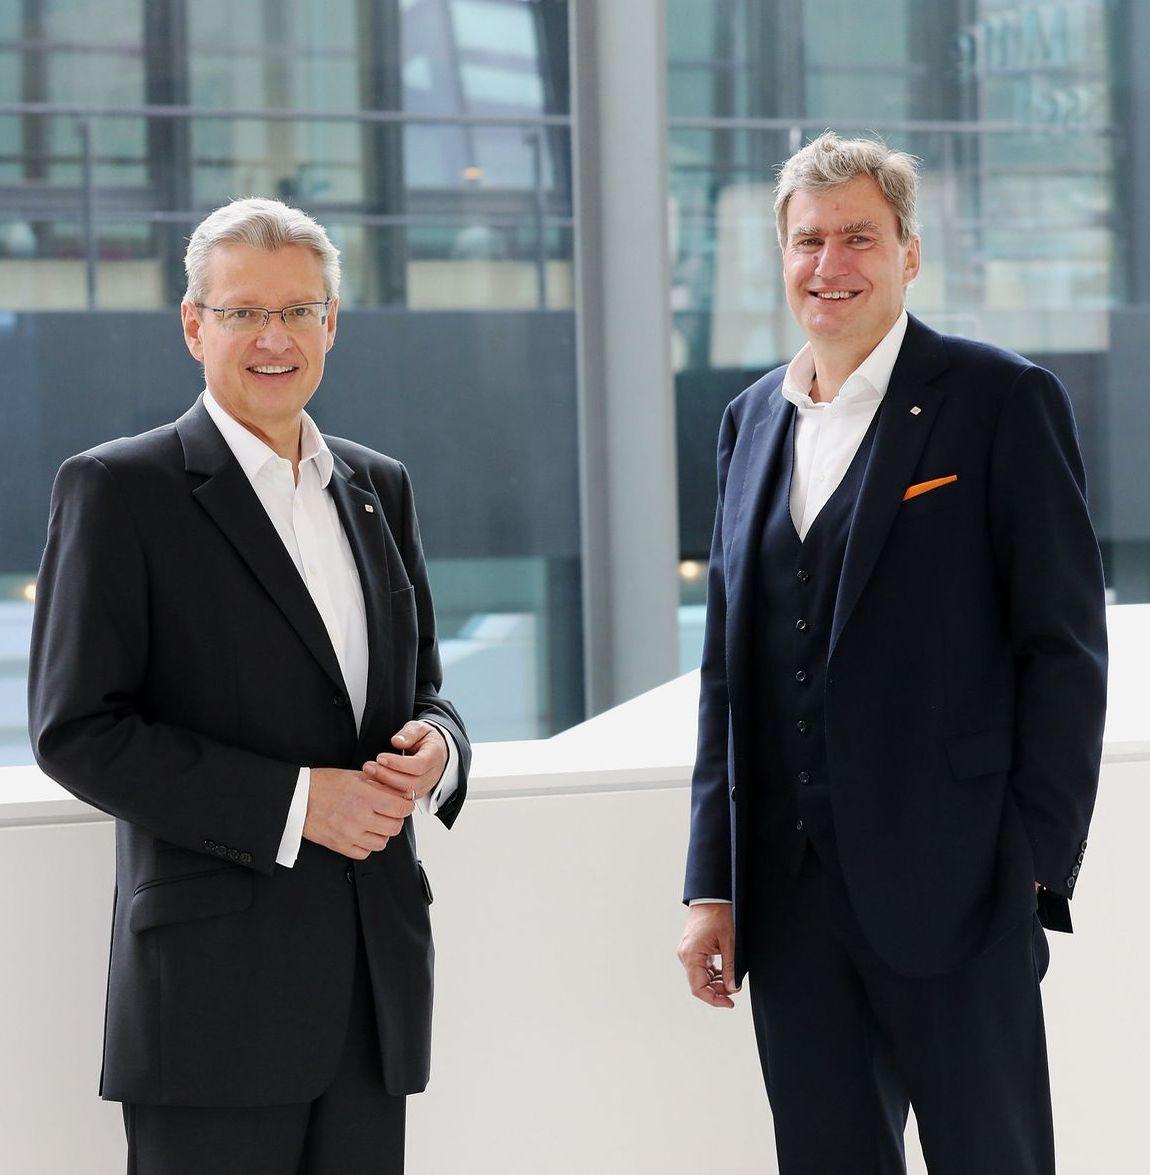 Die beiden Messe-CEOs, Dr. Roland Fleck und Peter Ottmann (von links), blicken trotz der schwierigen vergangenen Monate optimistisch in die Zukunft.